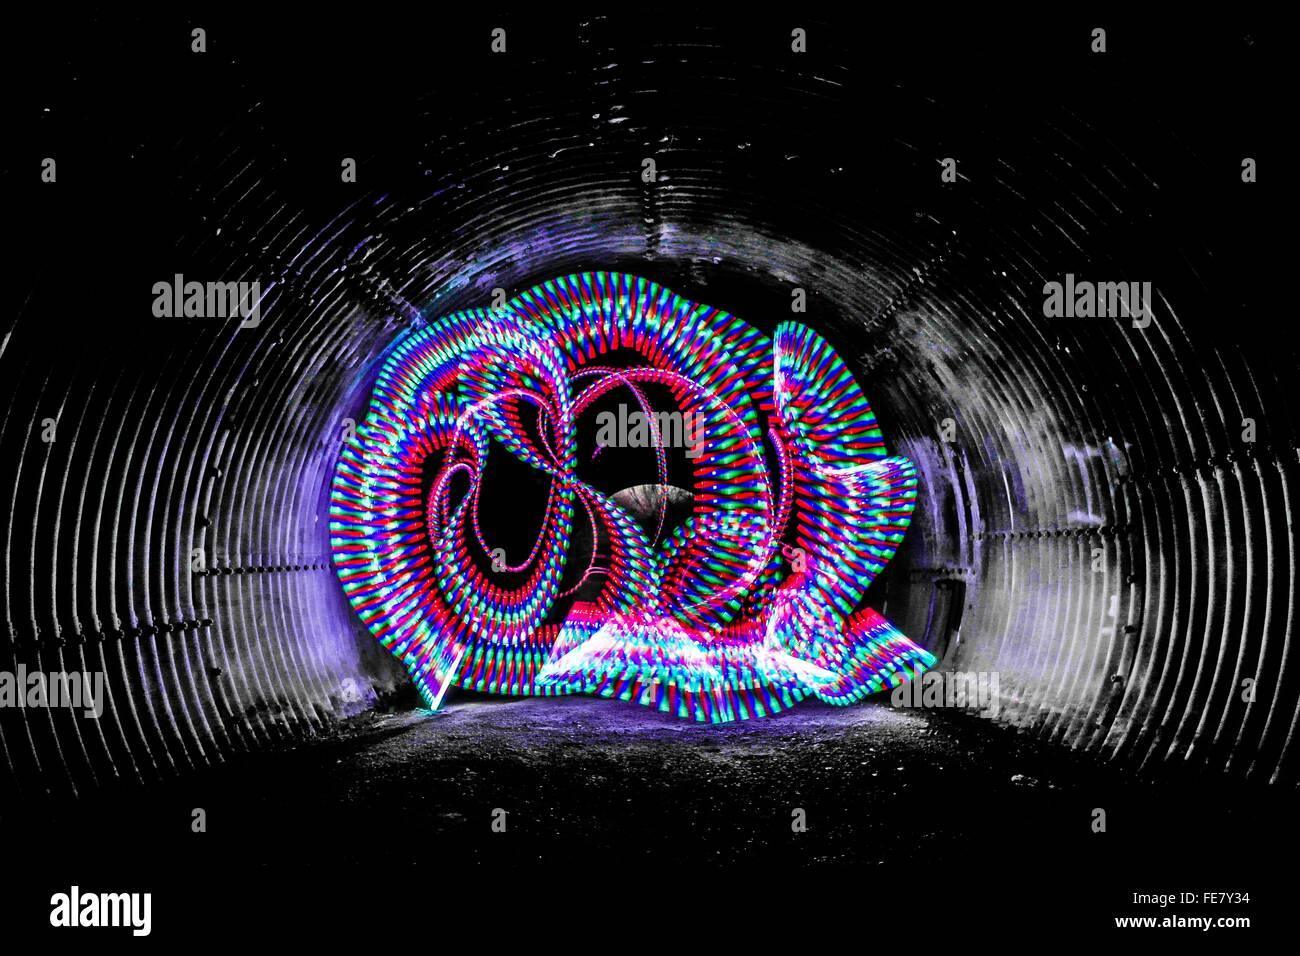 Multi colore sentieri di luce nel tunnel Immagini Stock